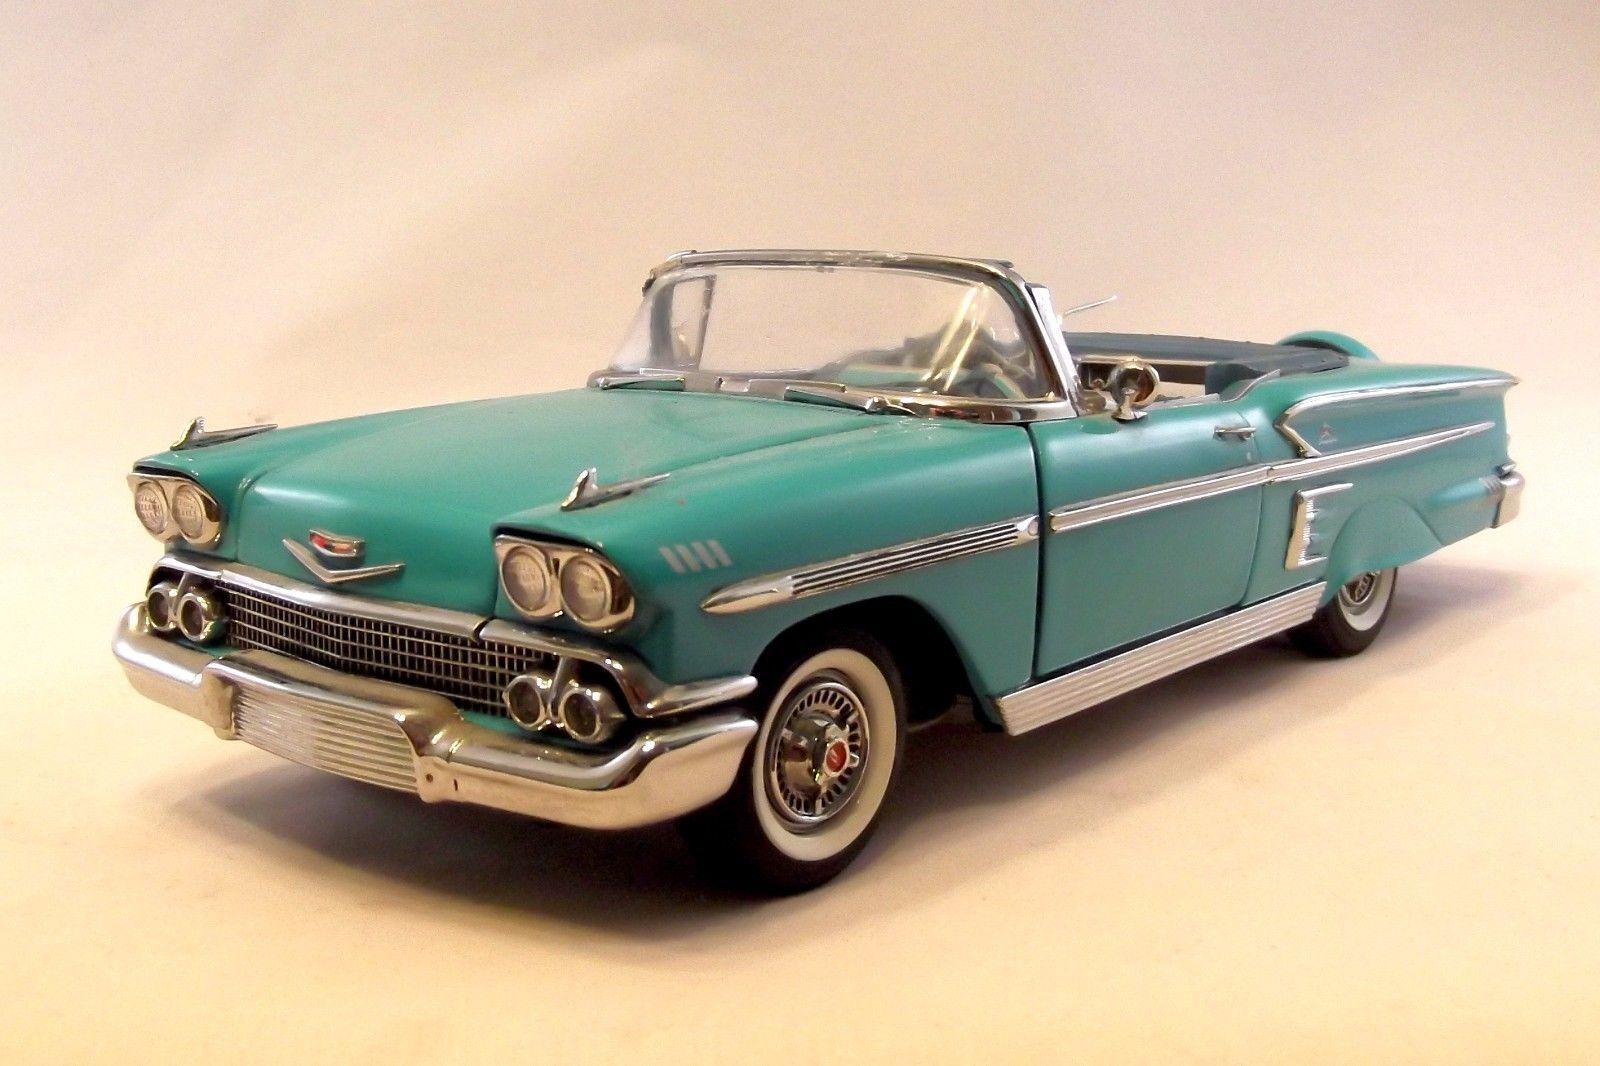 grandes ahorros Danbury como nuevo 1958 1958 1958 Chevrolet Impala convt con caja embalaje verde Azulado 1 24  comprar barato